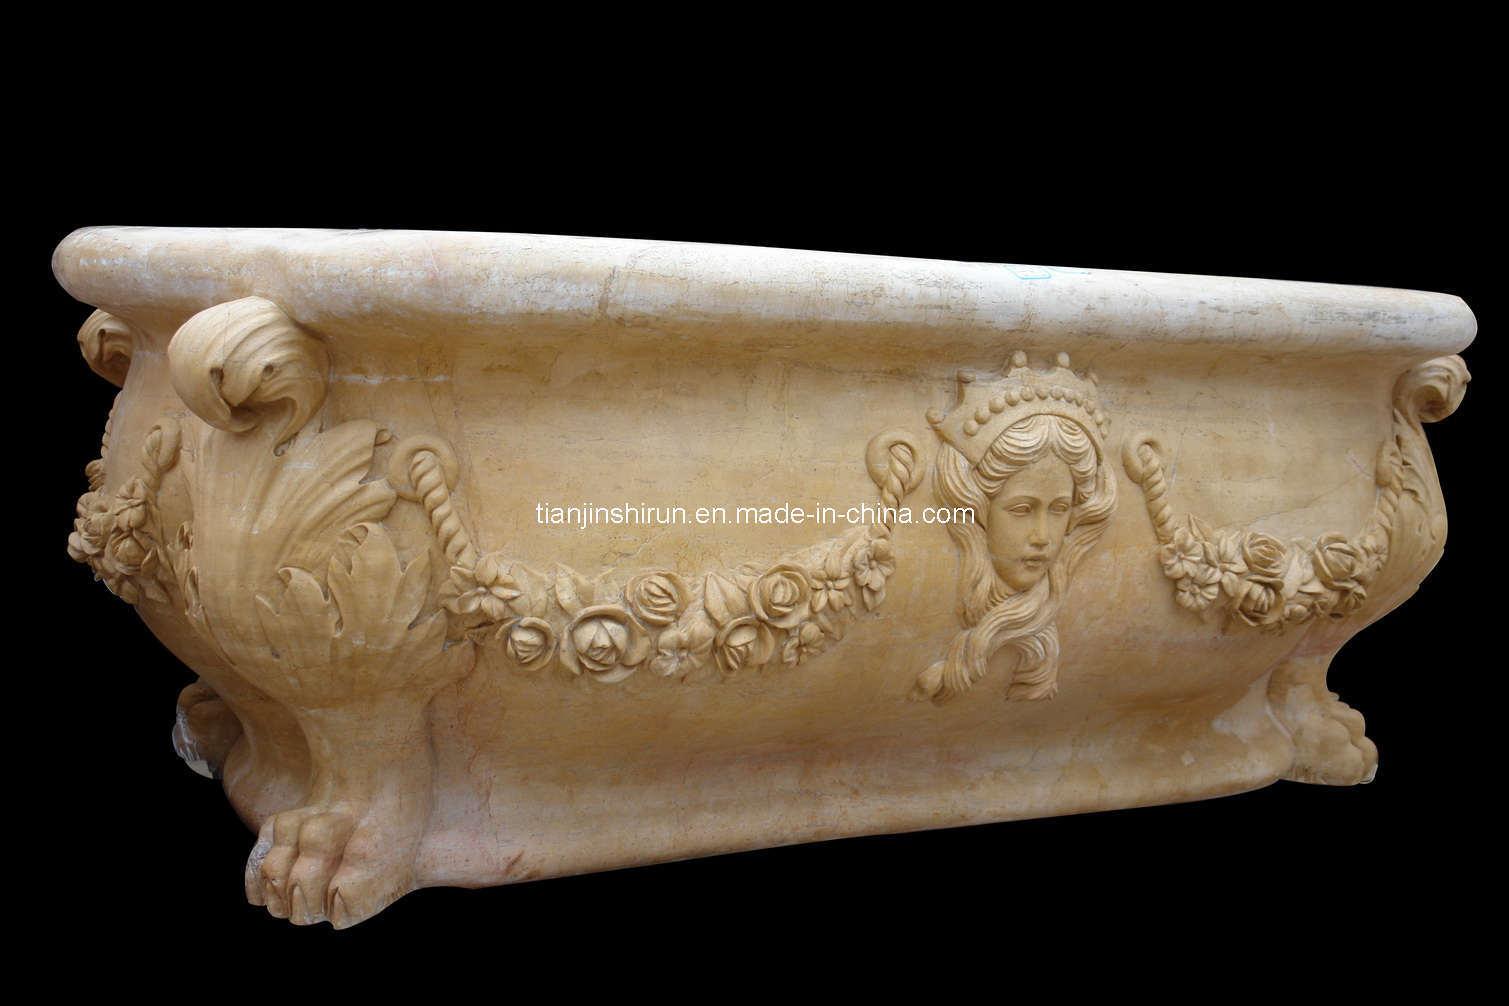 Vasca da bagno di pietra di scultura di marmo gialla - Vasca da bagno in pietra ...